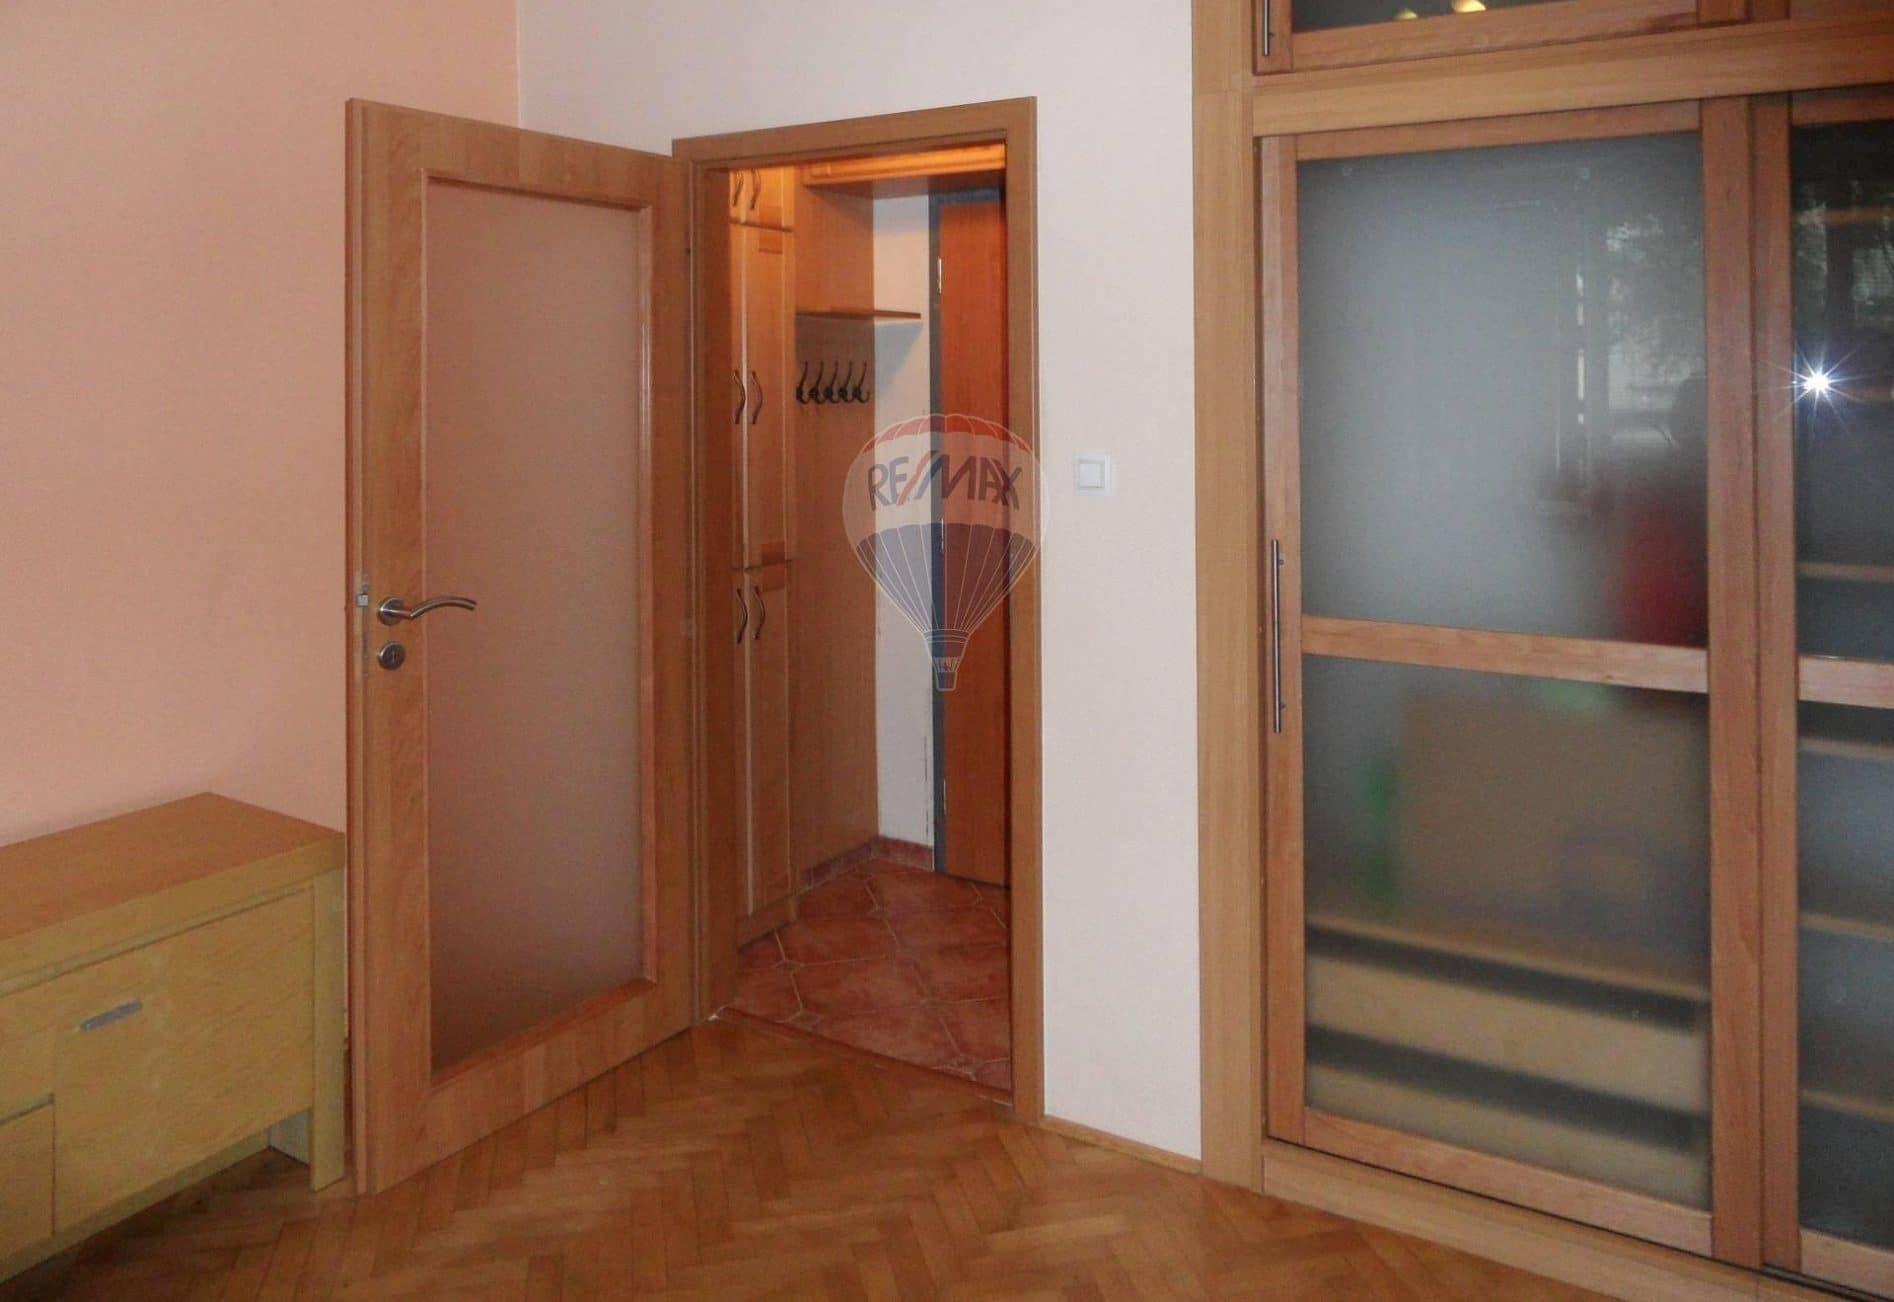 למכירה בפראג 4 דירת 26 מר 1+KK (1)